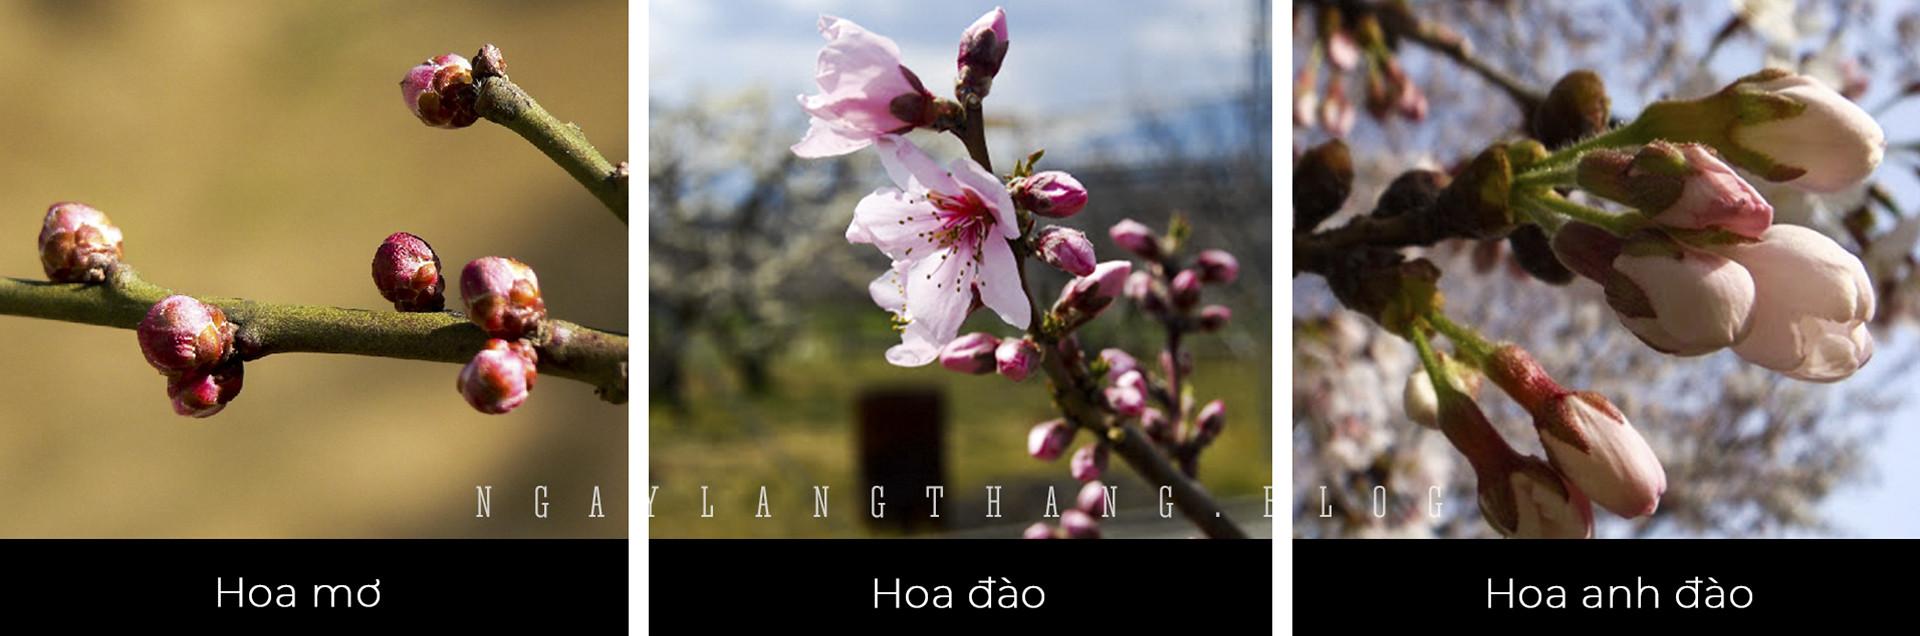 hoa mơ, hoa đào, hoa anh đào-nụ